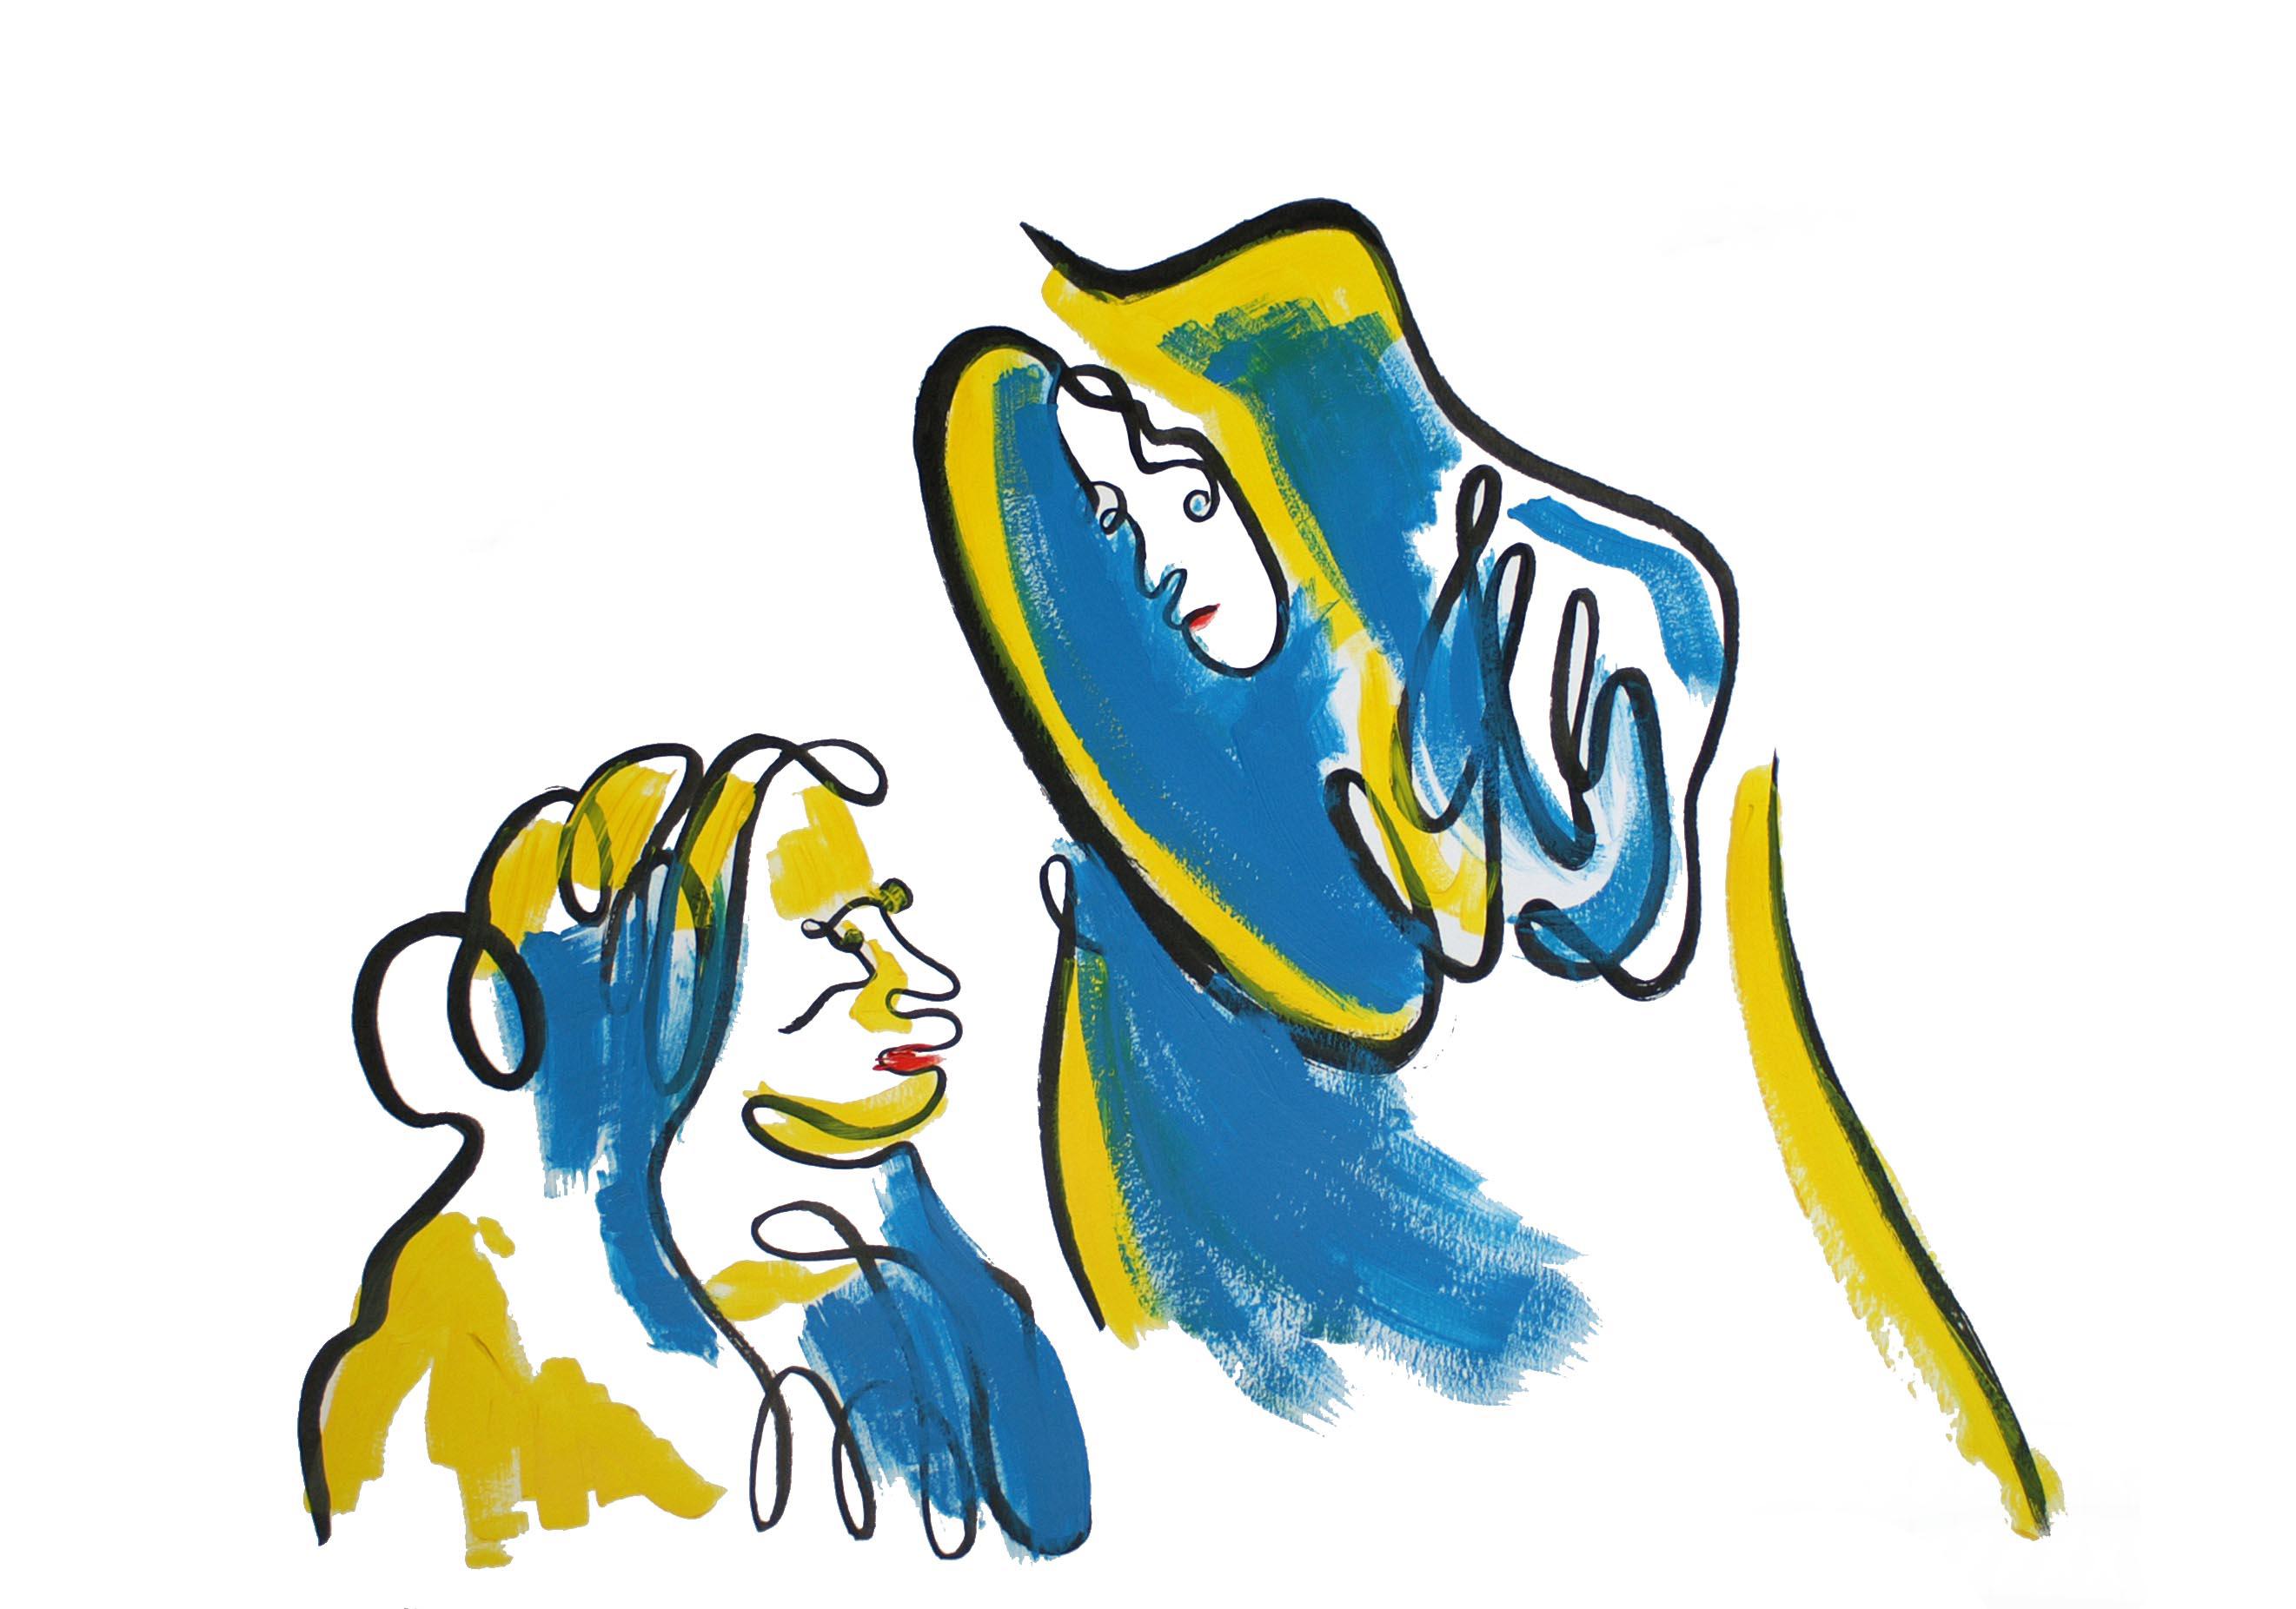 Femmes (oeuvre n°66)